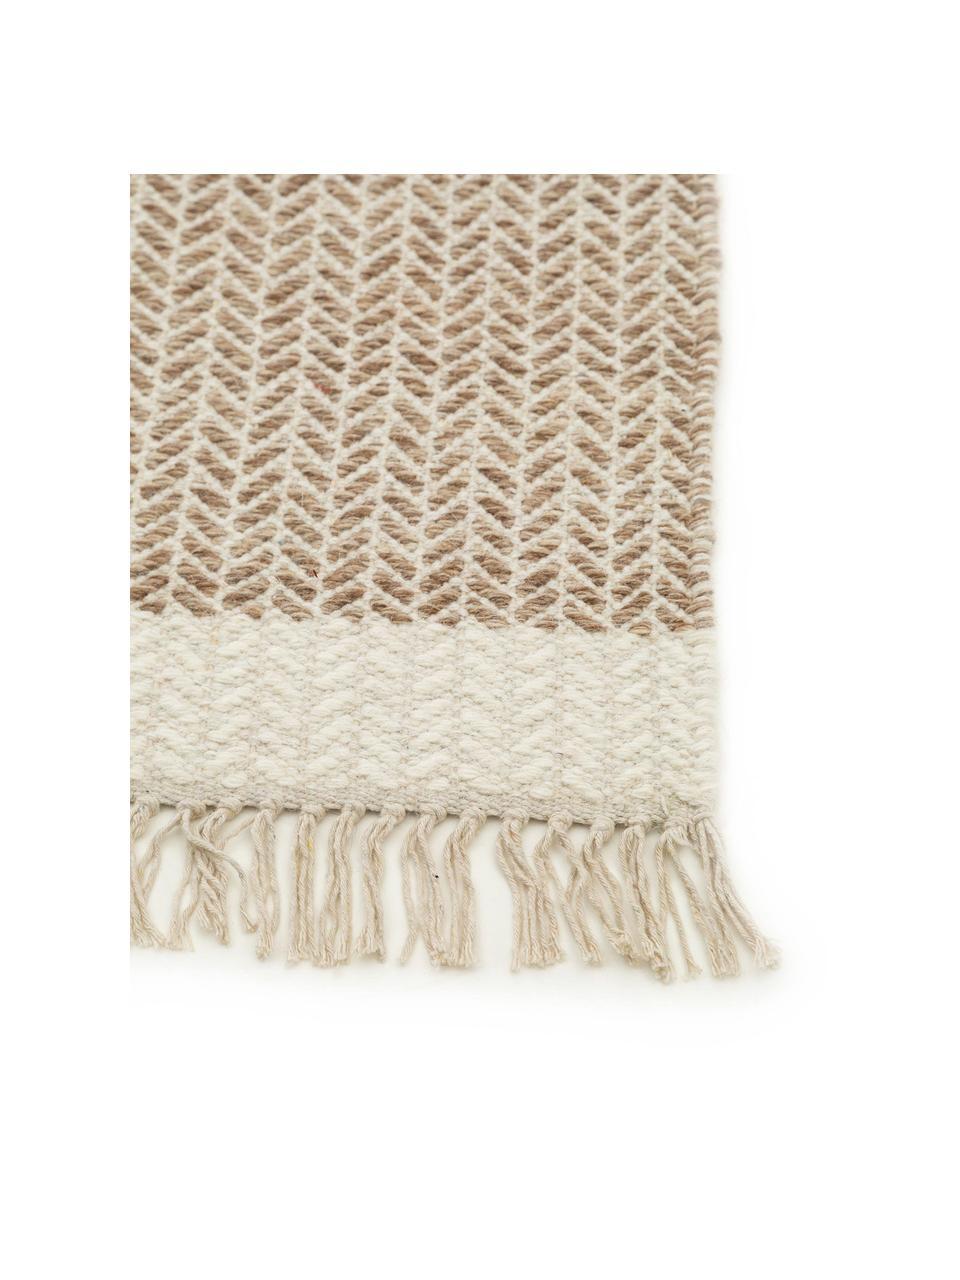 Ręcznie tkany dywan z wełny z frędzlami Kim, 80% wełna, 20% bawełna Włókna dywanów wełnianych mogą nieznacznie rozluźniać się w pierwszych tygodniach użytkowania, co ustępuje po pewnym czasie, Beżowy, kremowy, S 120 x D 170 cm (Rozmiar S)